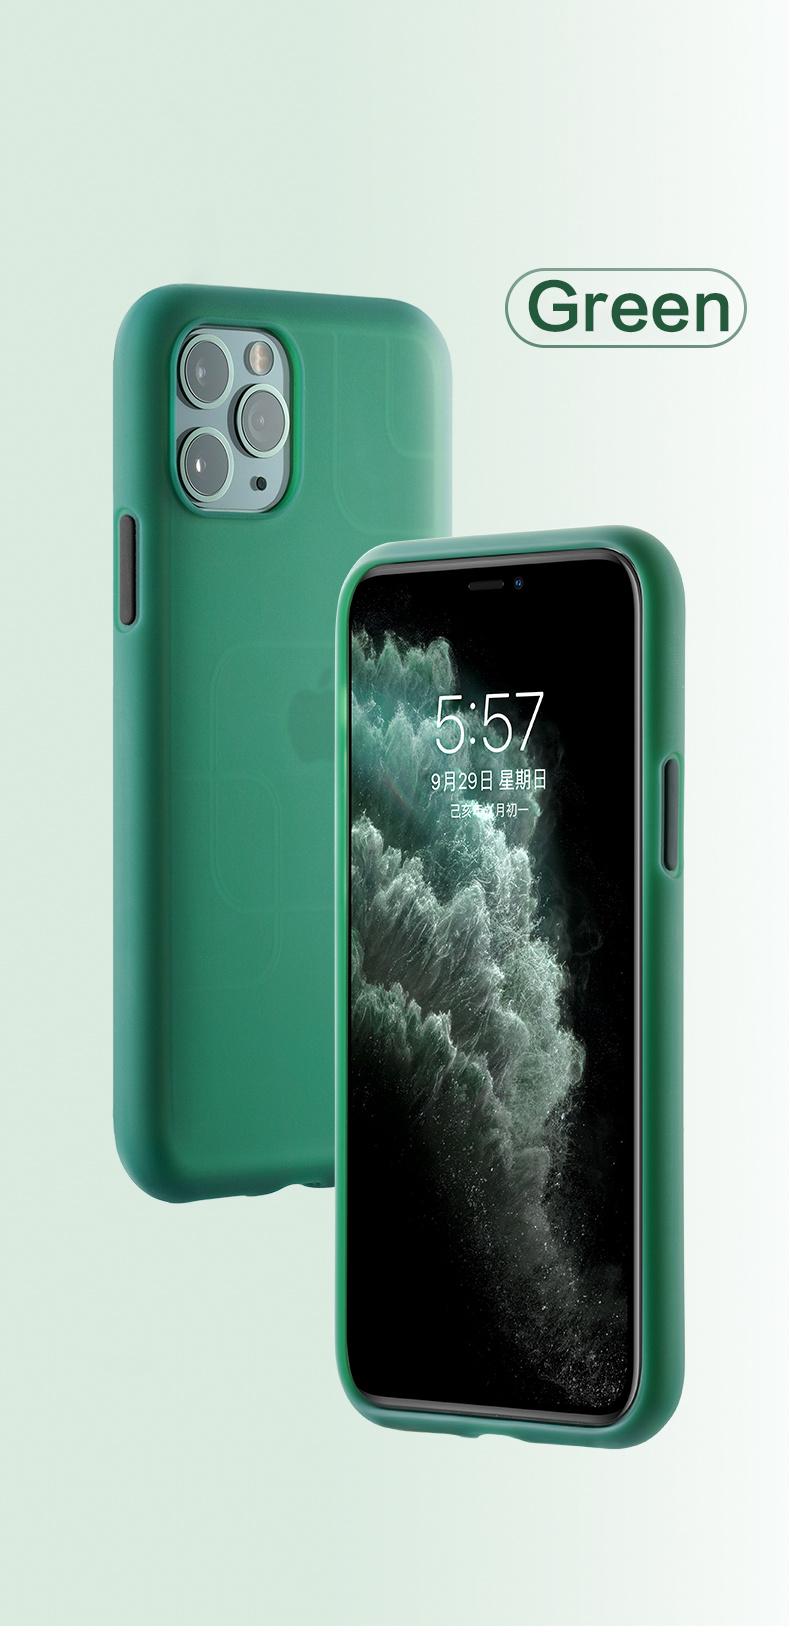 Sancore Iphone11 Pro Pro Max Liquid Silicone Phone Case China Iphone 11 And Liquid Silicone Price Made In China Com